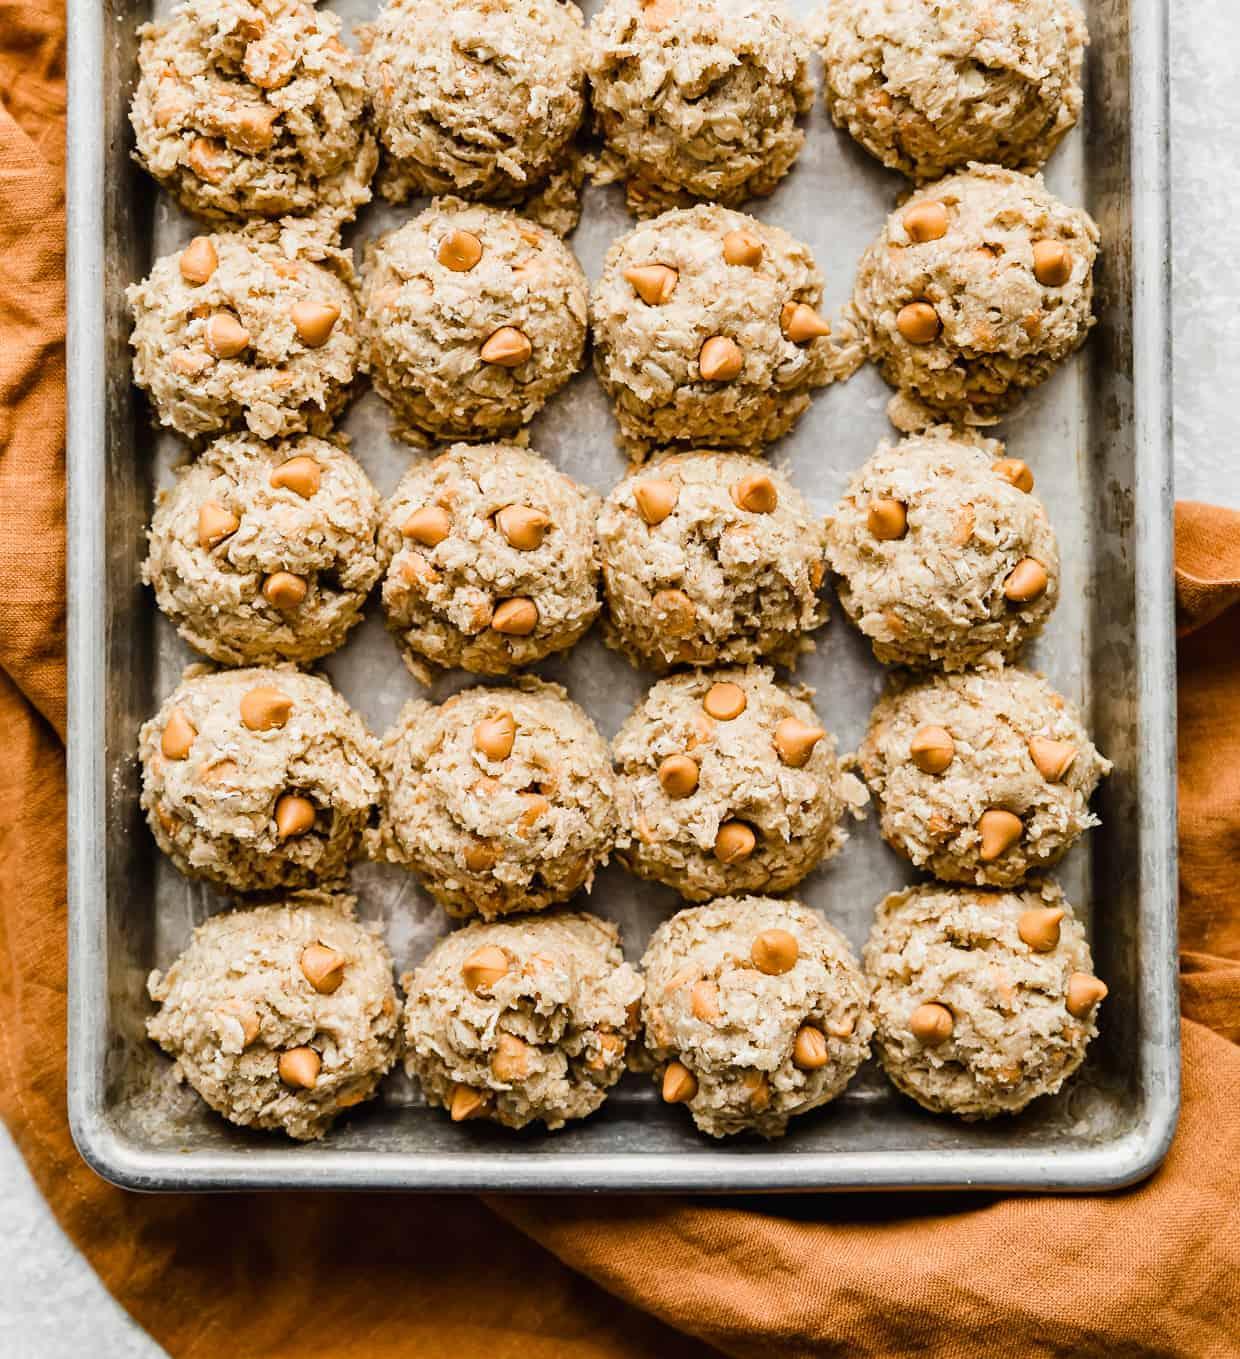 Oatmeal Butterscotch Cookie dough balls on a baking sheet.